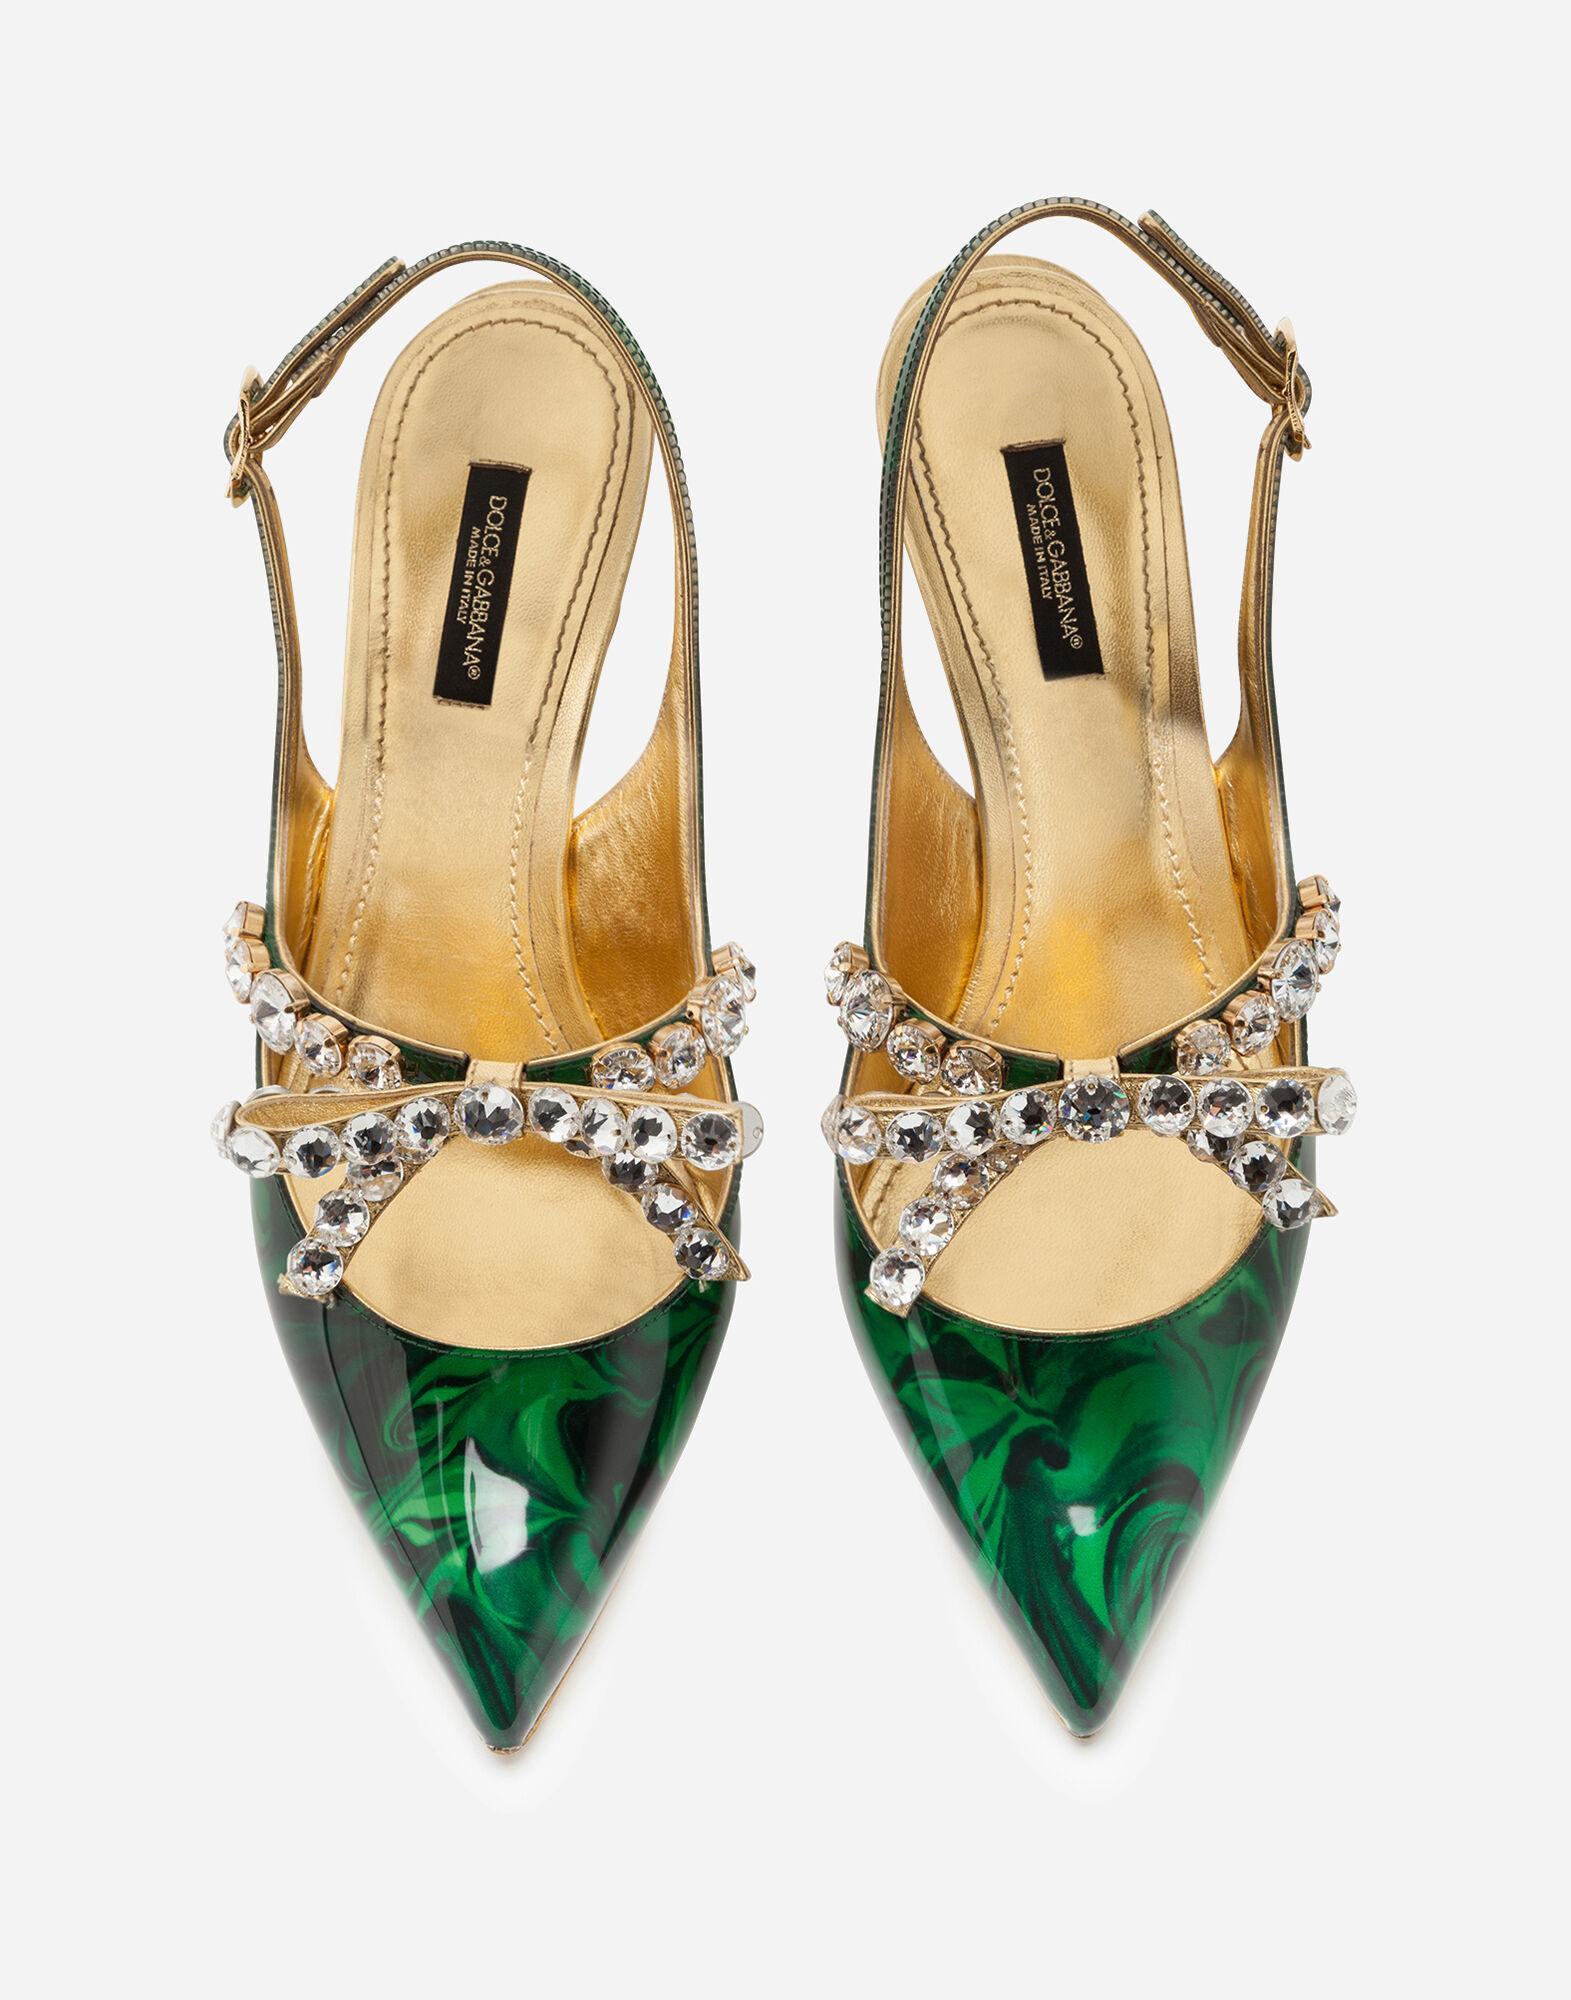 Zapatos Destalonados De Charol Con Malaquita Estampada Y Joya Dolce & Gabbana de color Verde